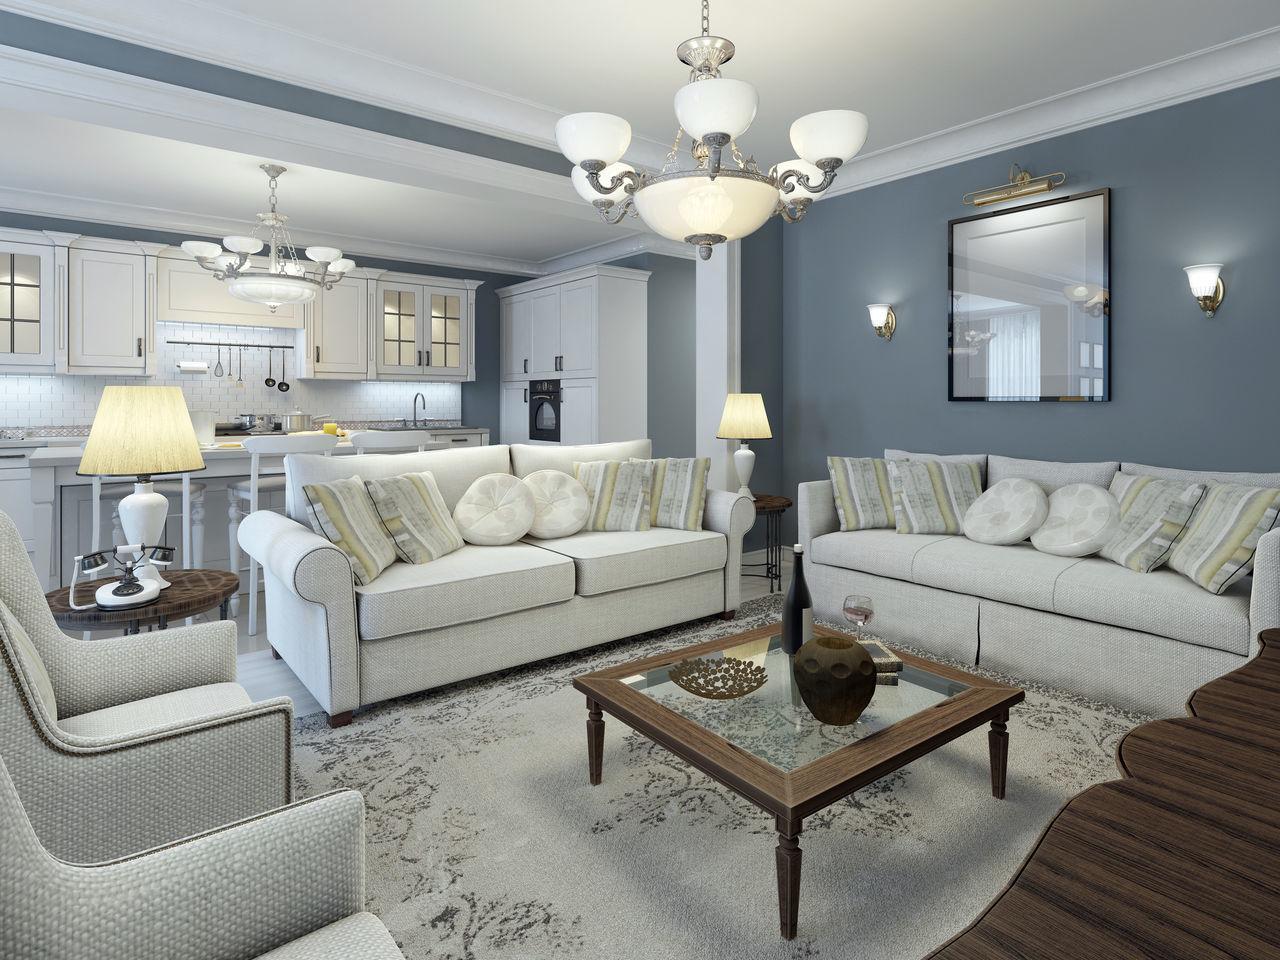 светильники для гостиной комнаты идеи дизайна